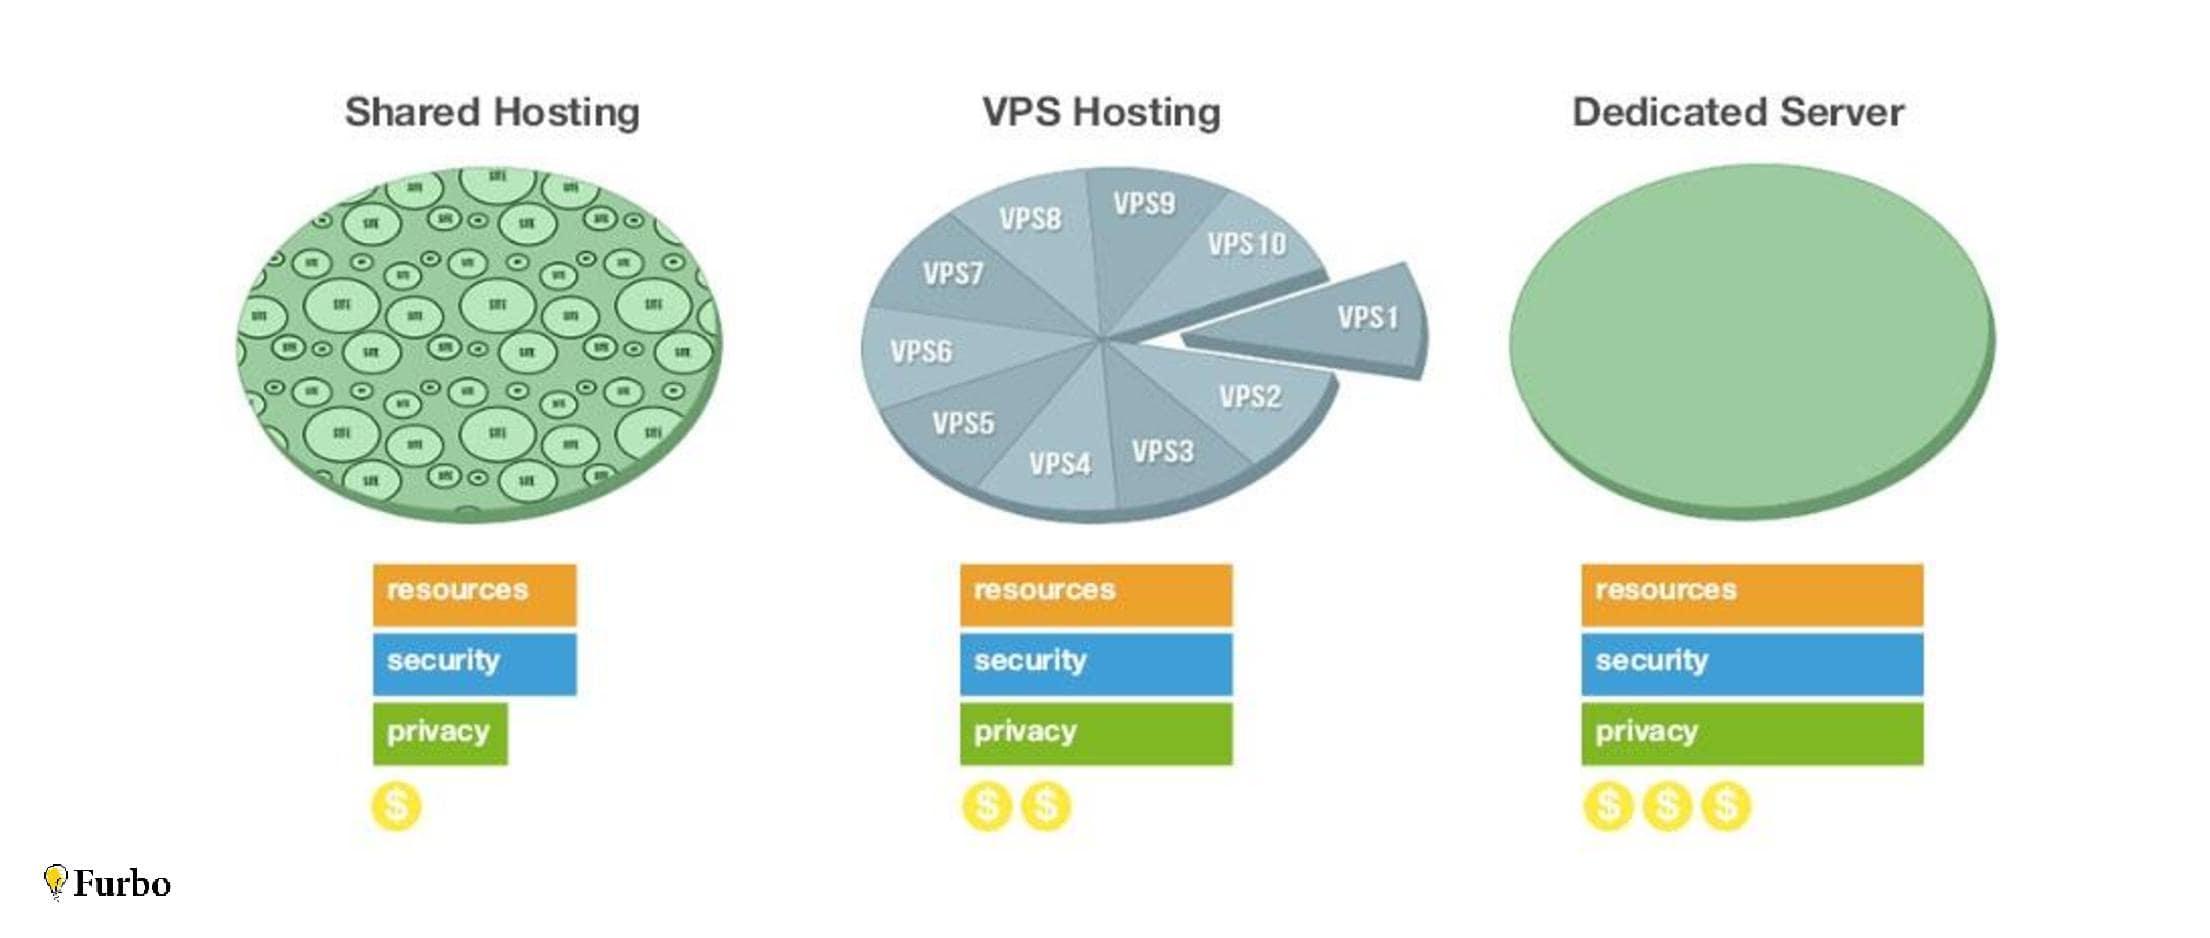 نقشه راه برای راهاندازی و ساخت سایت اینترنتی